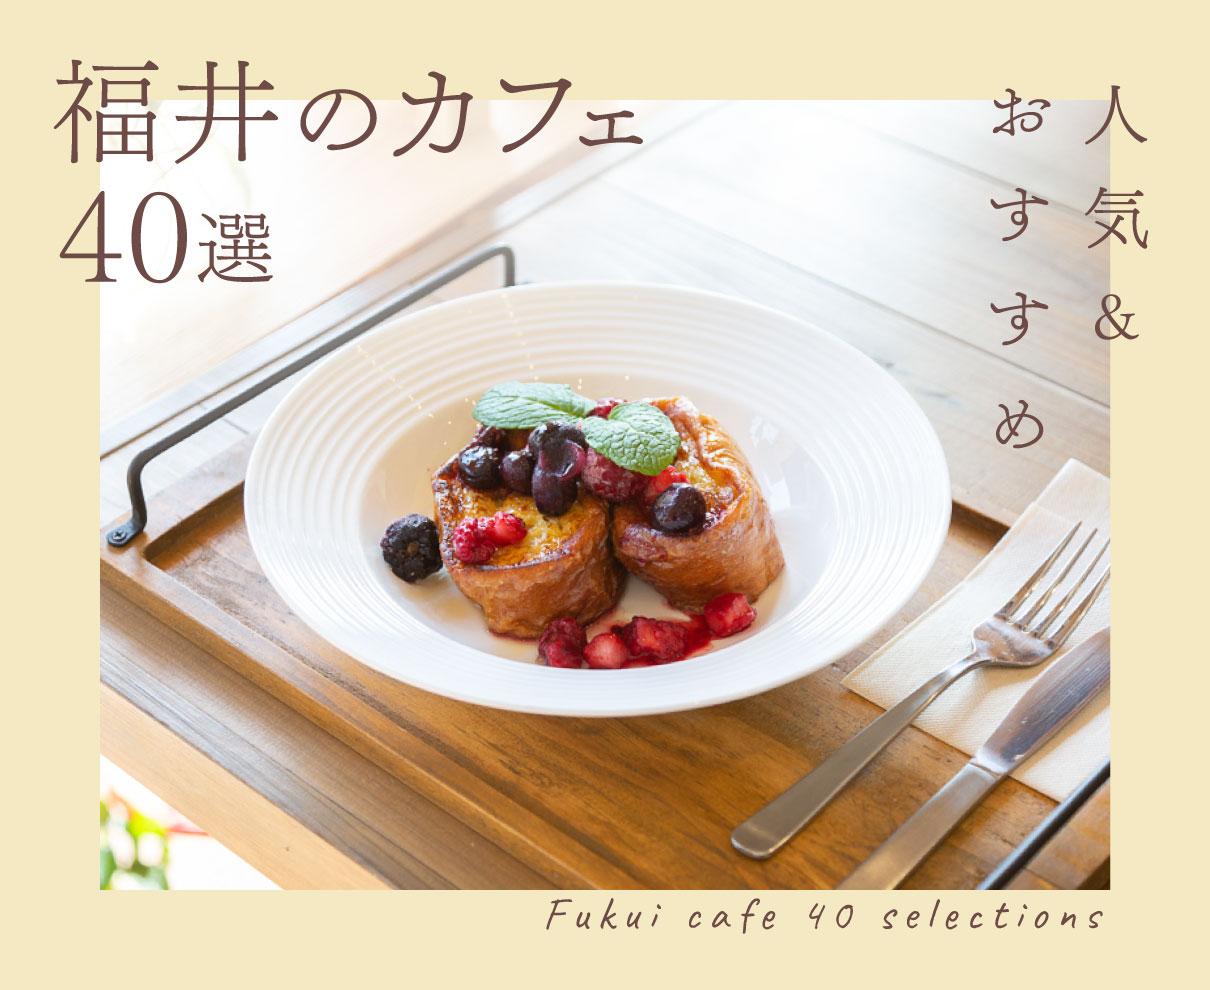 福井の人気&おすすめカフェ40選! 2021年の新店・話題のお店をまとめました。